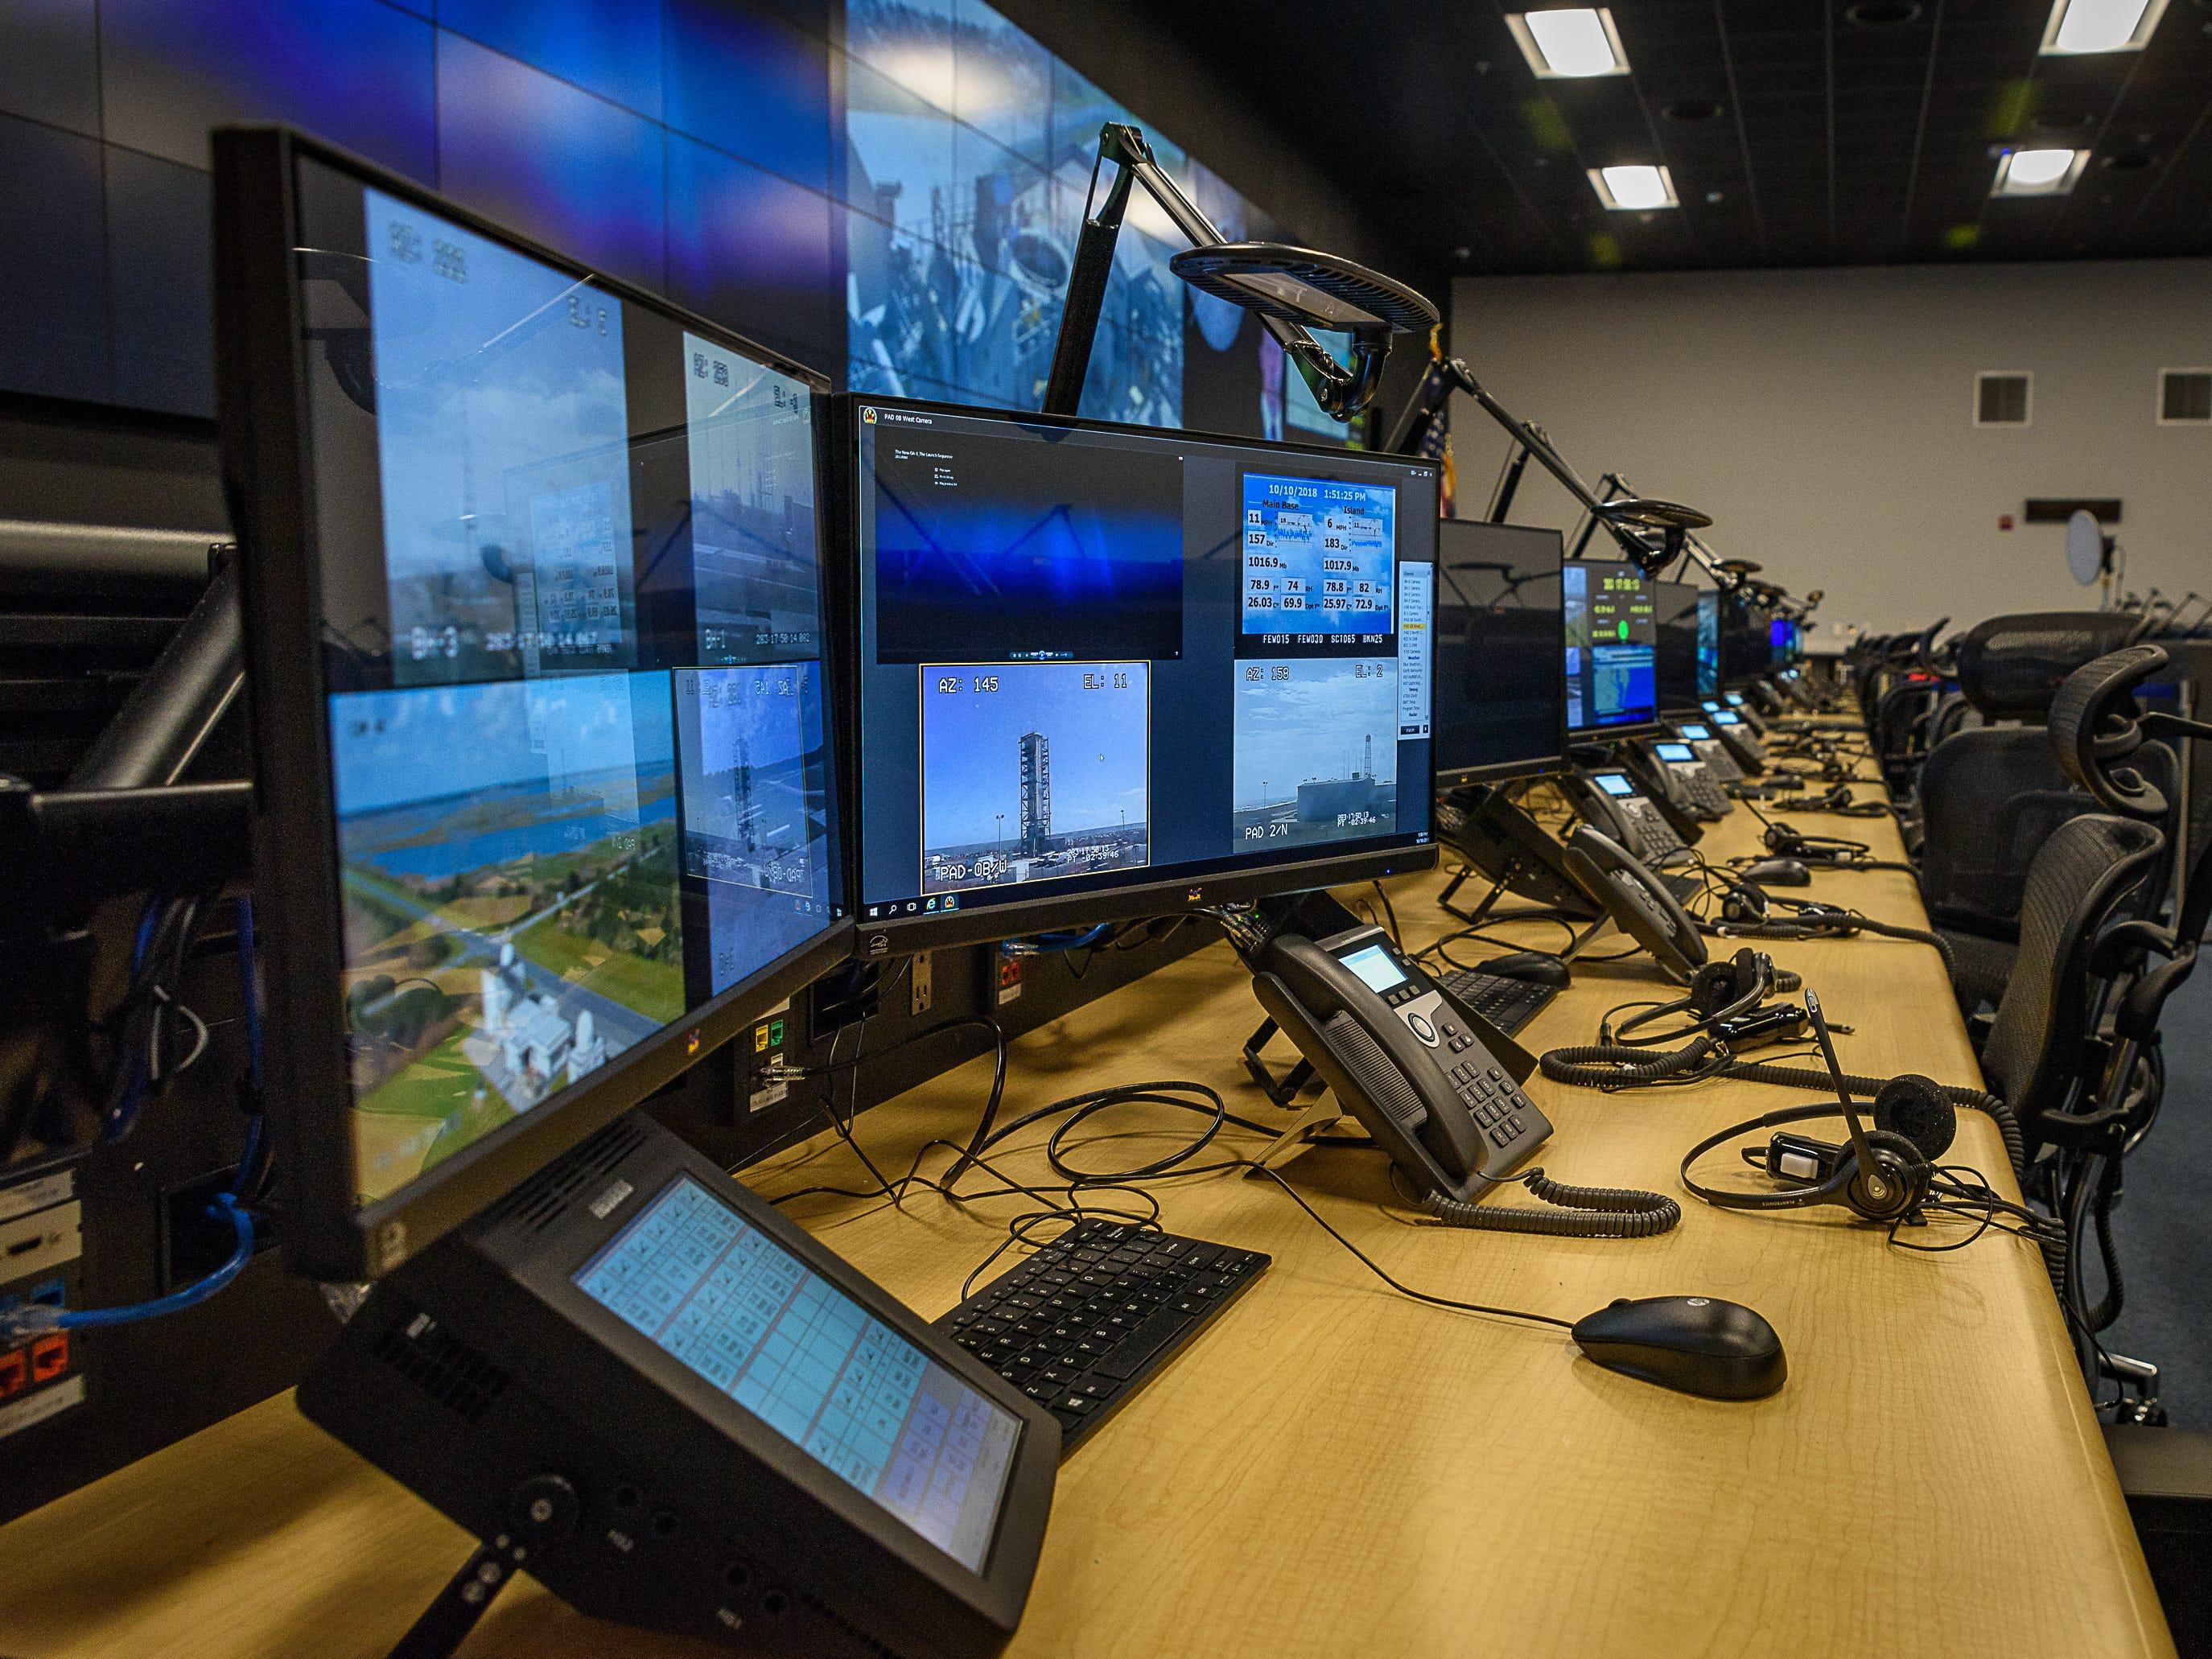 A row of monitors in the new command center at NASA's Wallops Flight Facility at Wallops Island.